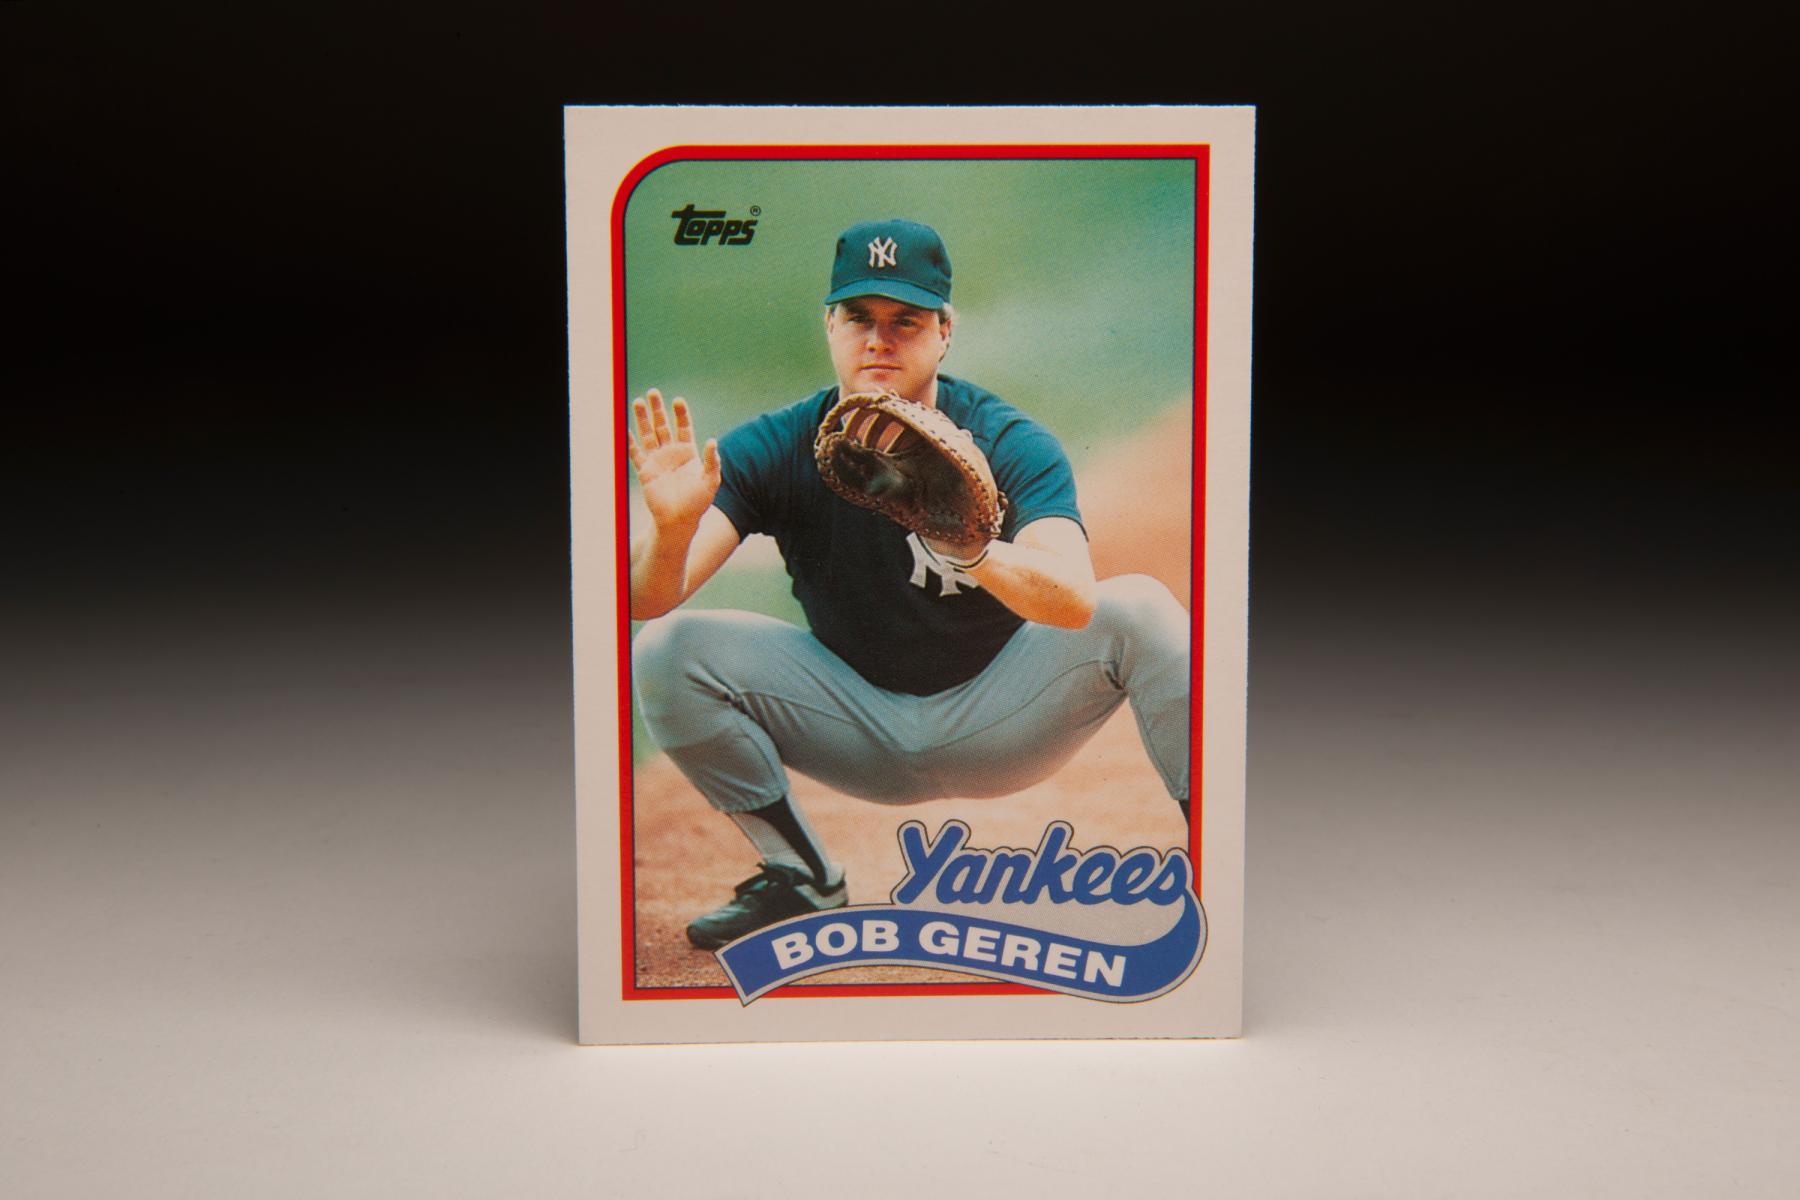 1989 Bob Geren Topps card. (Milo Stewart Jr. / National Baseball Hall of Fame)